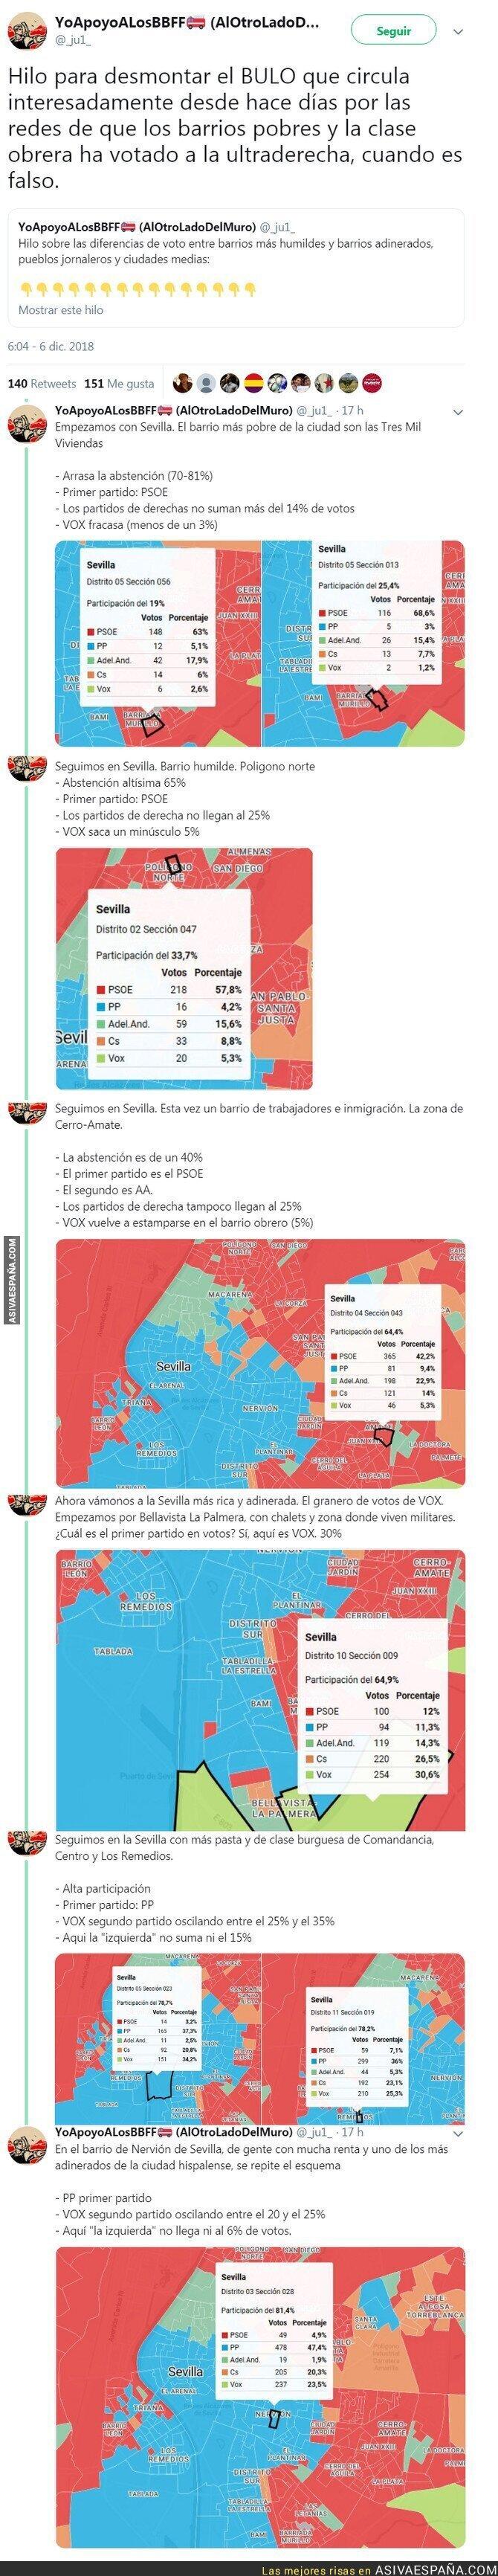 99756 - Bulos como que en las Tres mil Viviendas fue un exitazo VOX y bulos de que le votaron en masa en los barrios más humildes